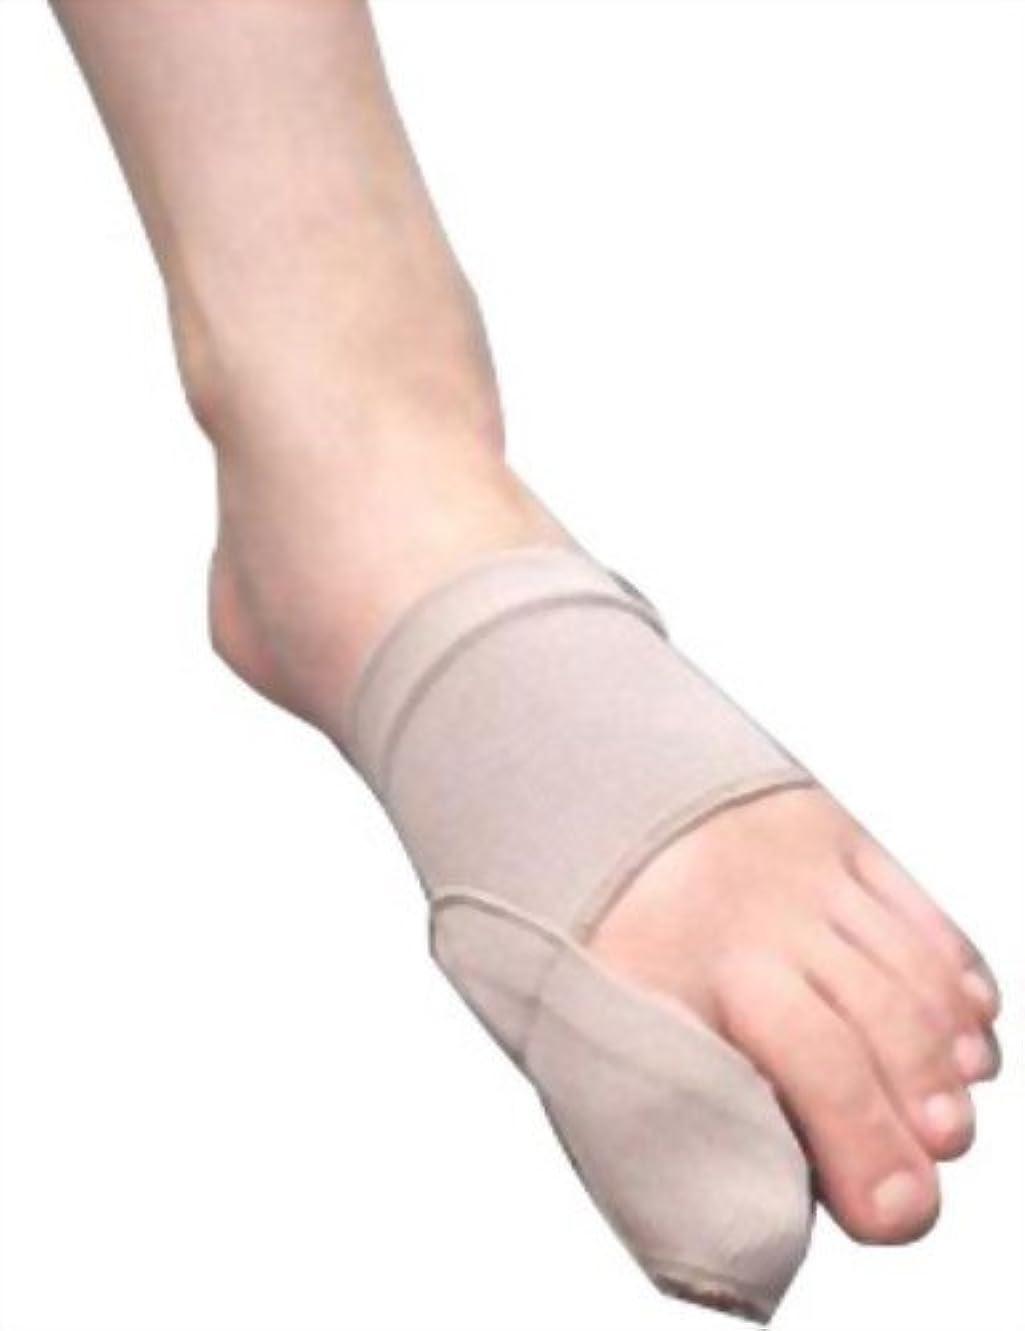 ロッジメジャーピンポイント富士パックス販売 「 外反母趾 足楽サポーター 」 左右兼用 1枚入り ハードタイプ